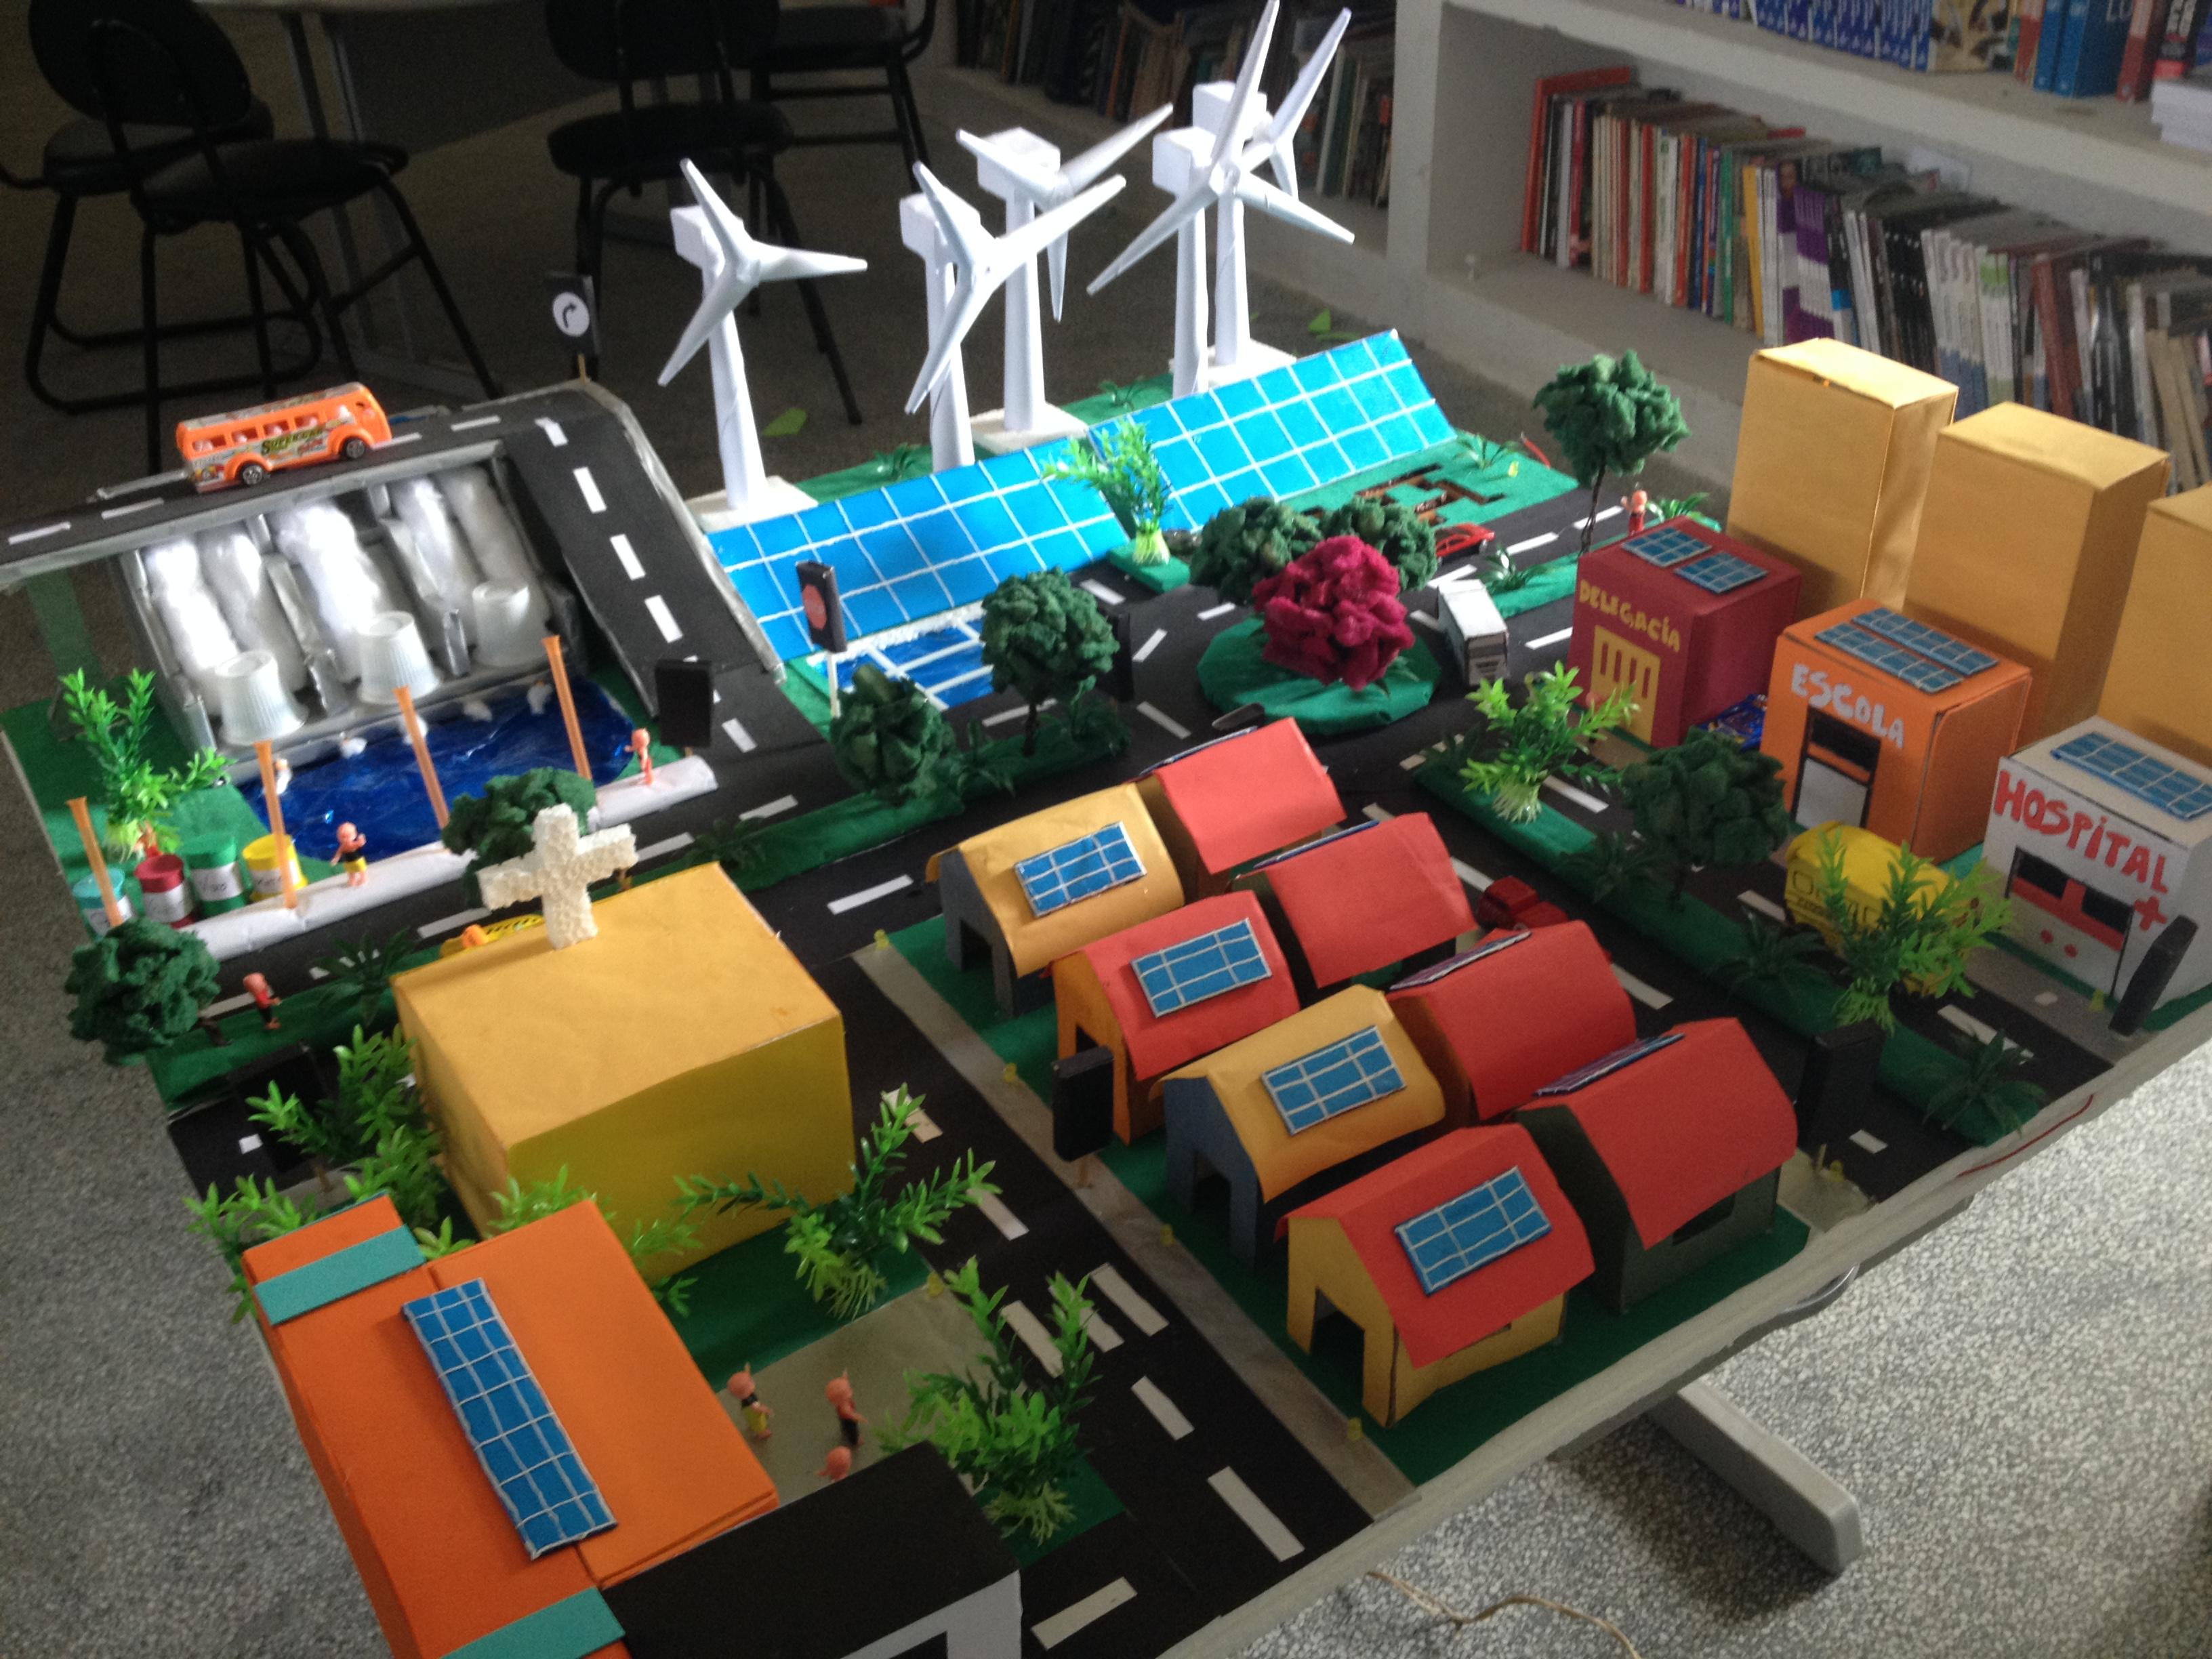 Maquete de cidade sustentável